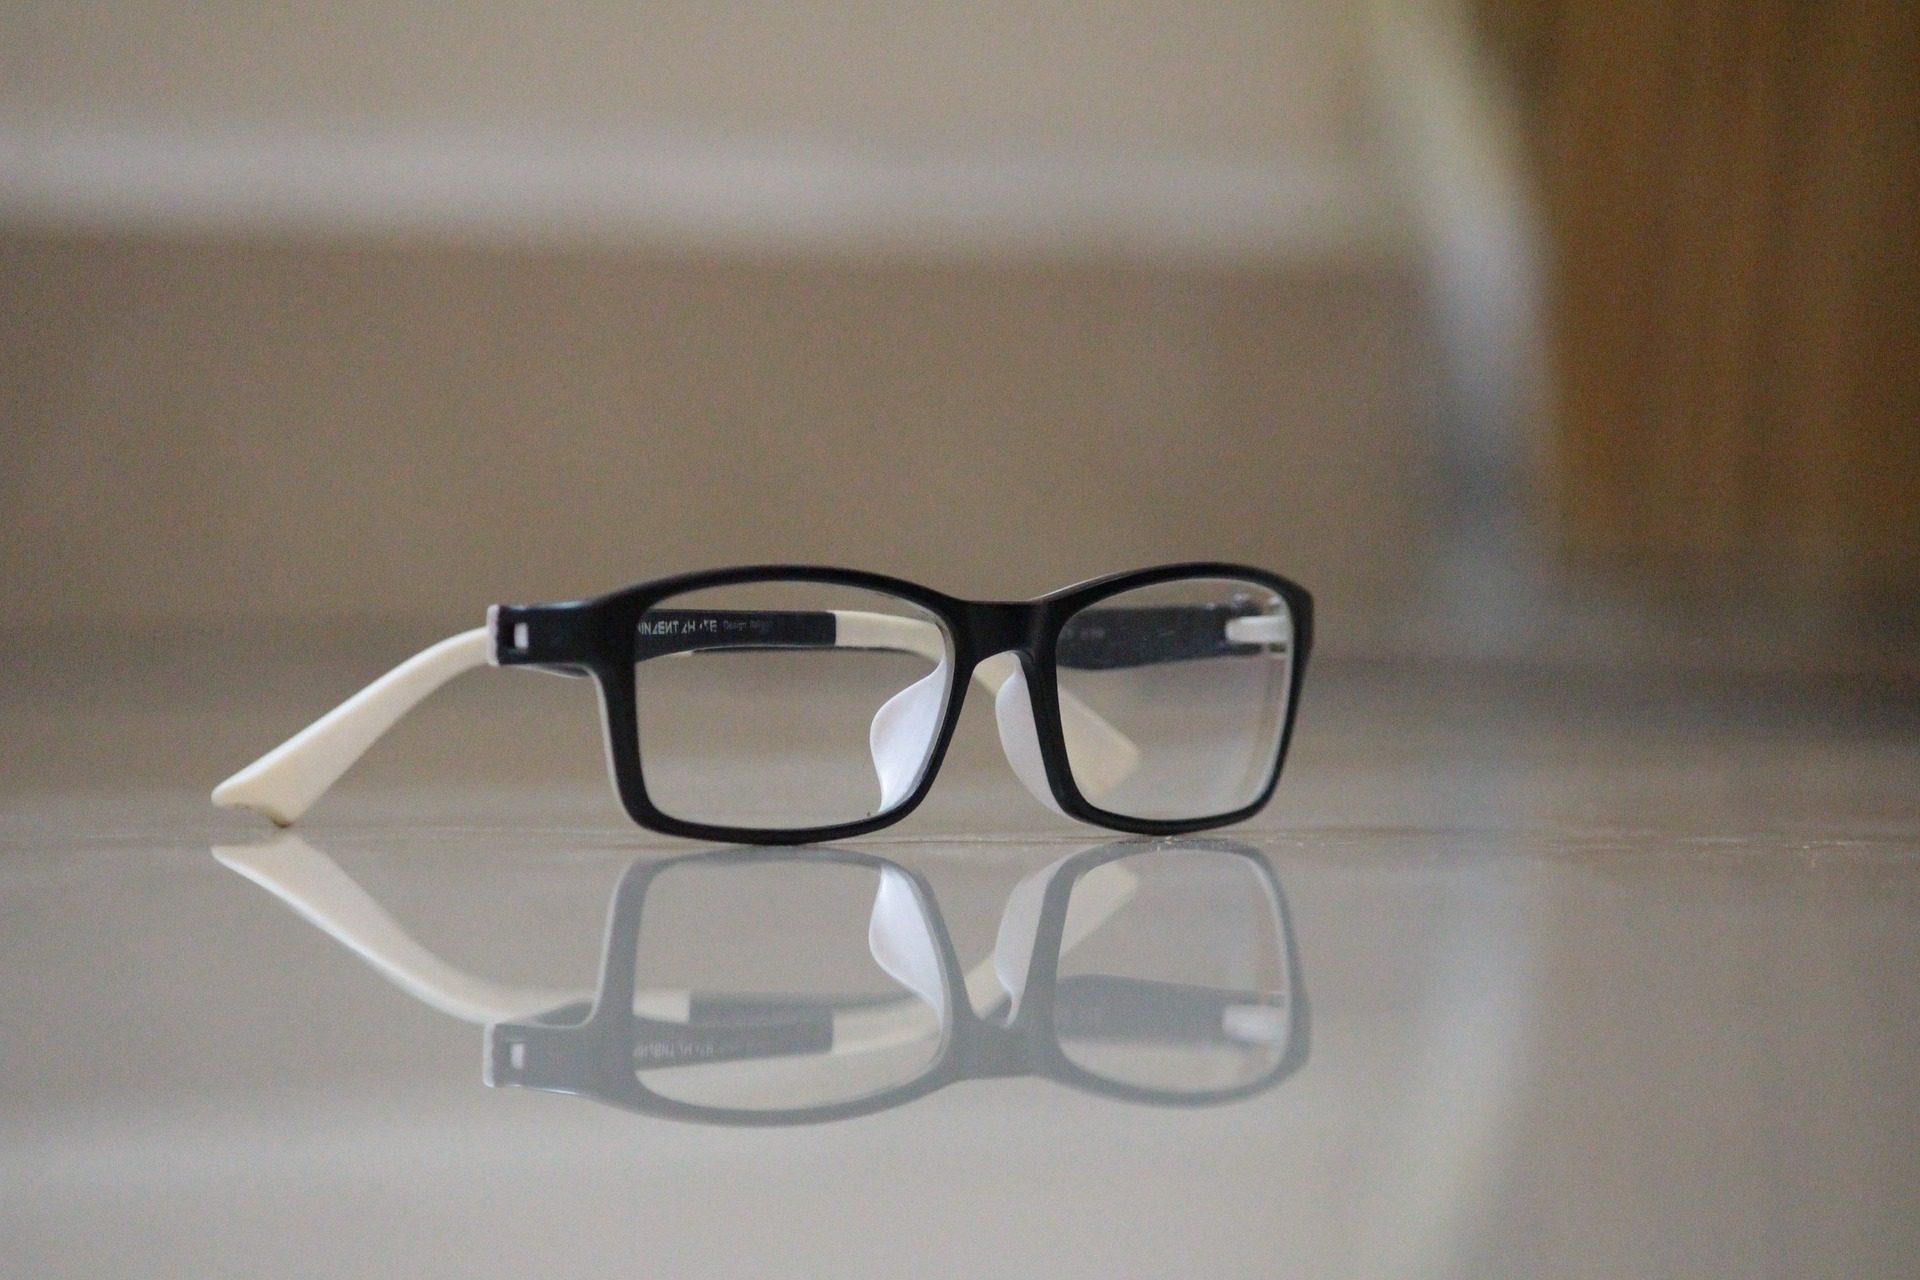 نظارات, البلورات, رقم التعريف الشخصي, انعكاس, الرؤية, بصريات - خلفيات عالية الدقة - أستاذ falken.com